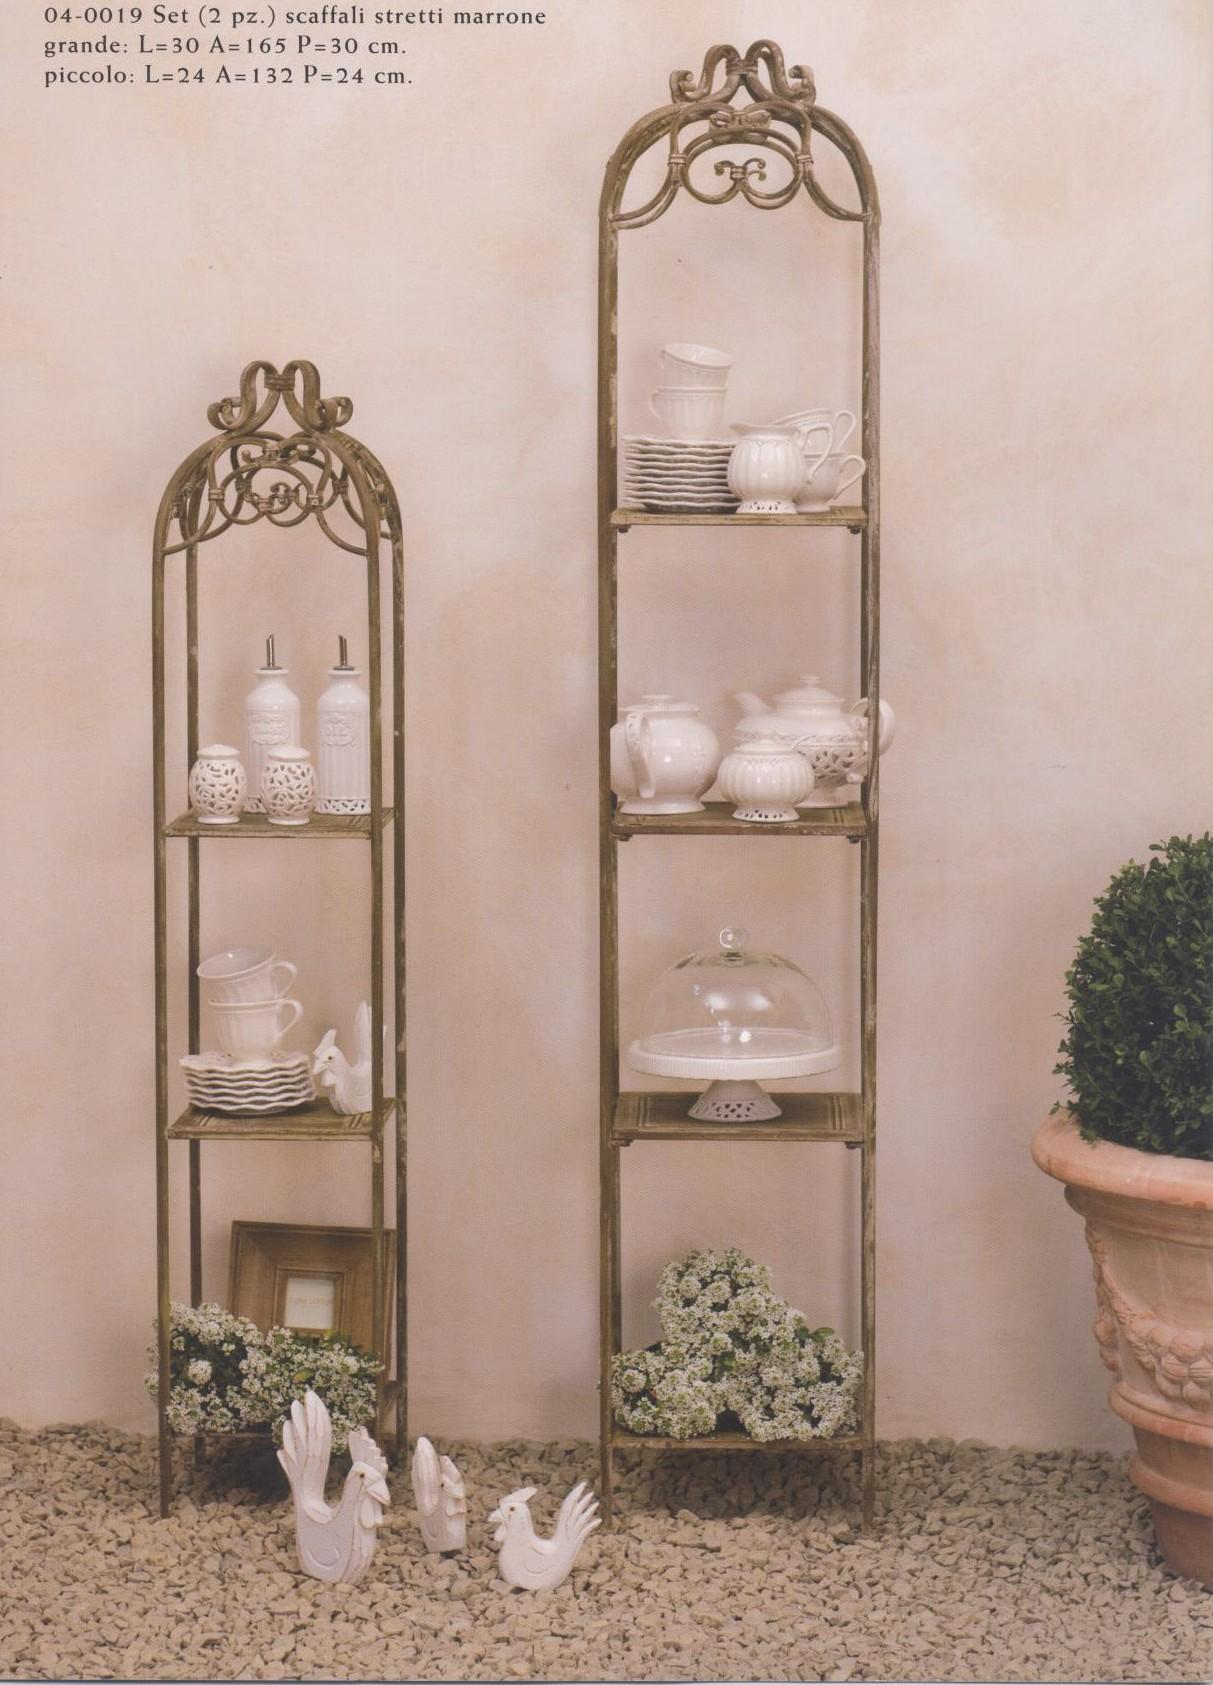 scaffali accessori per arredamento bagno in ferro battuto marrone